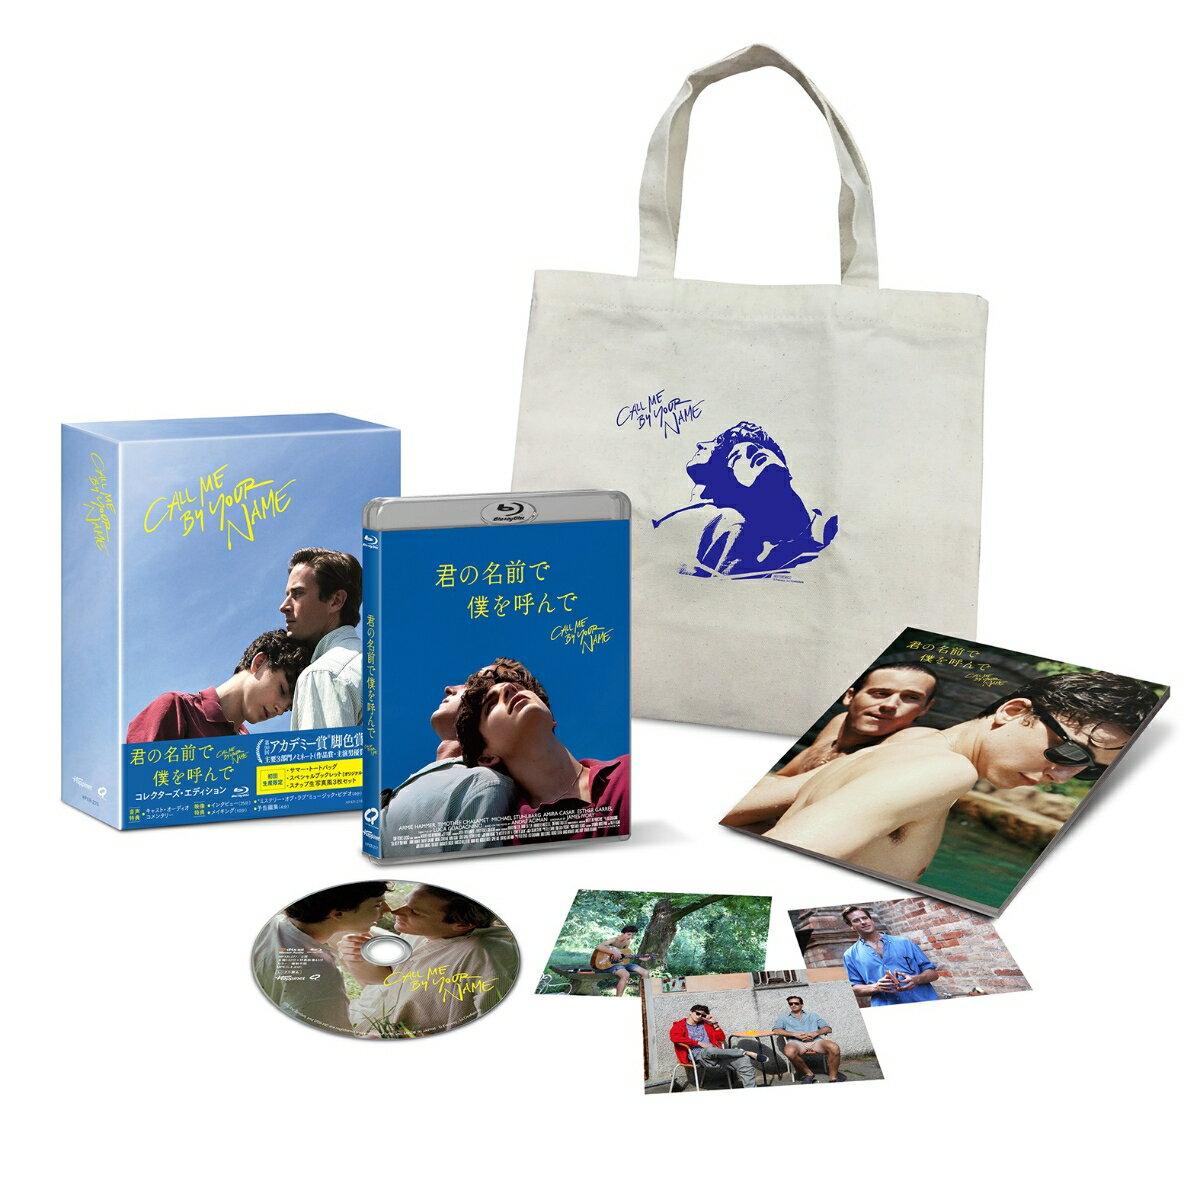 君の名前で僕を呼んで コレクターズ・エディション(初回生産限定)【Blu-ray】